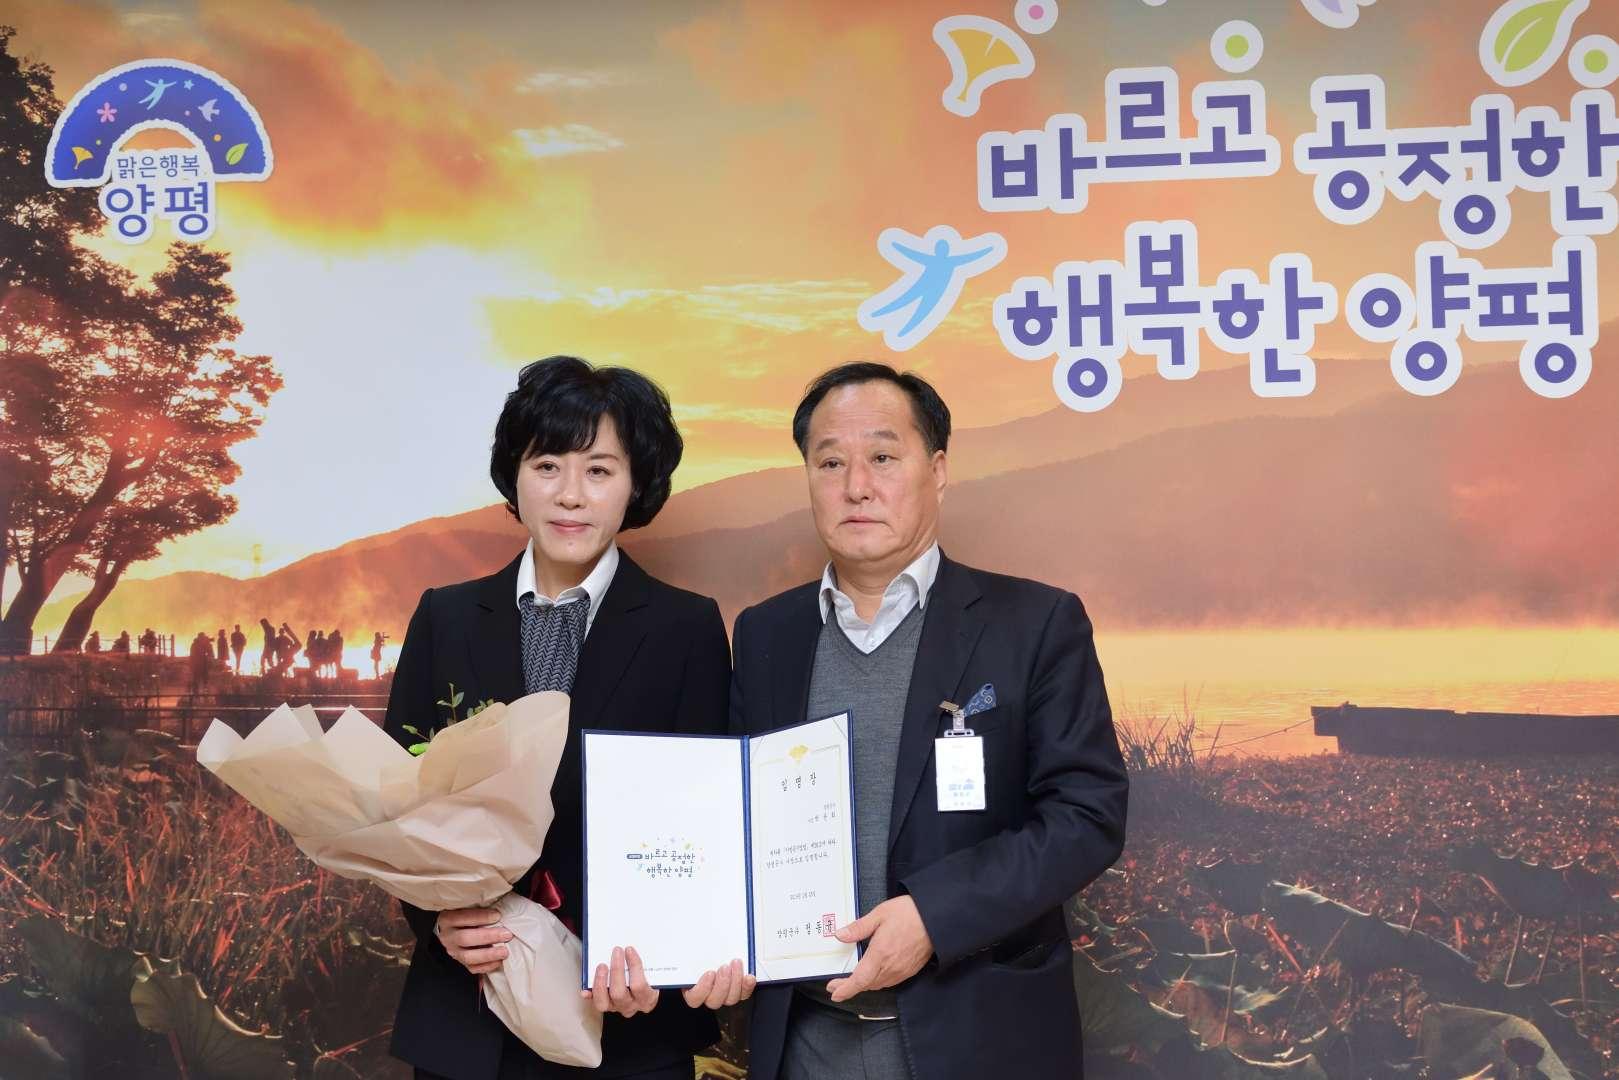 지방공기업 양평공사, 제5대 박윤희 신임 사장 취임